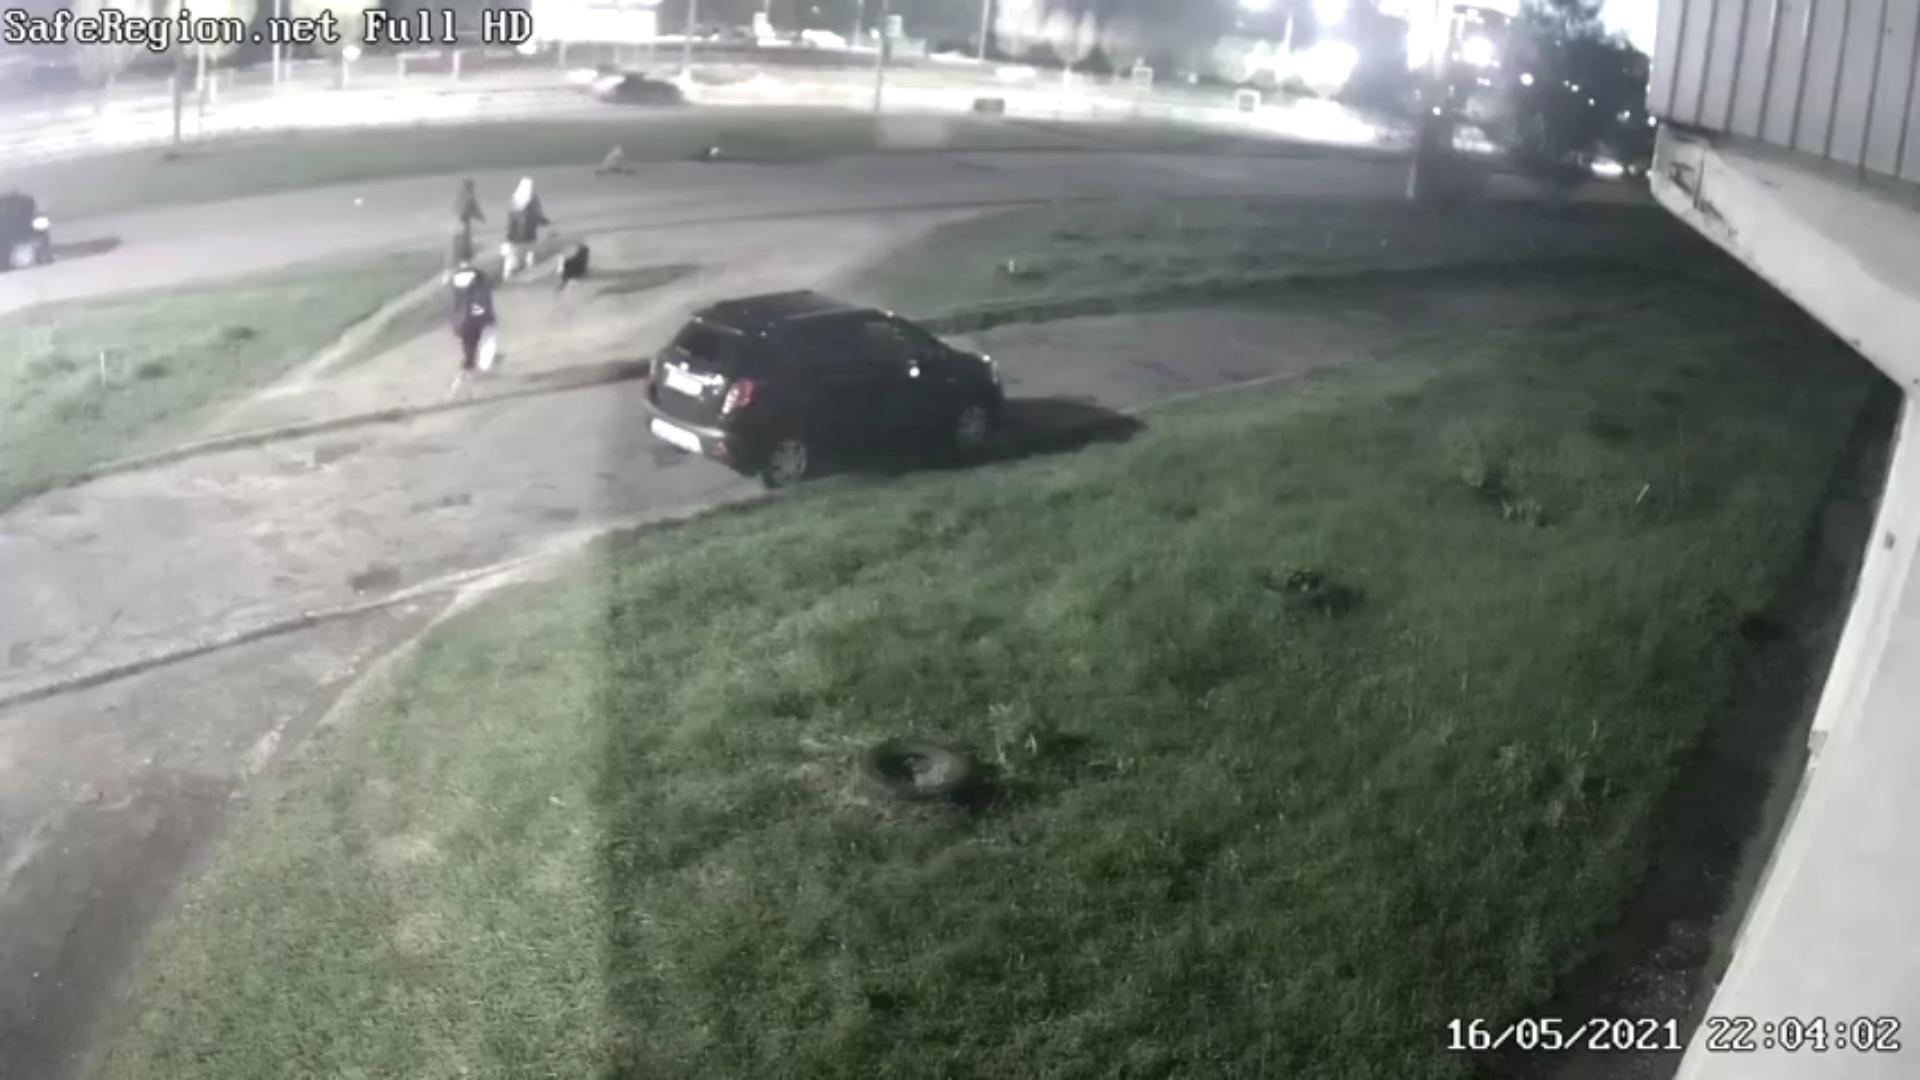 На проспекте Фрунзе в Ярославле вечером сбили двух мужчин: в соцсетях выложили видео происшествия